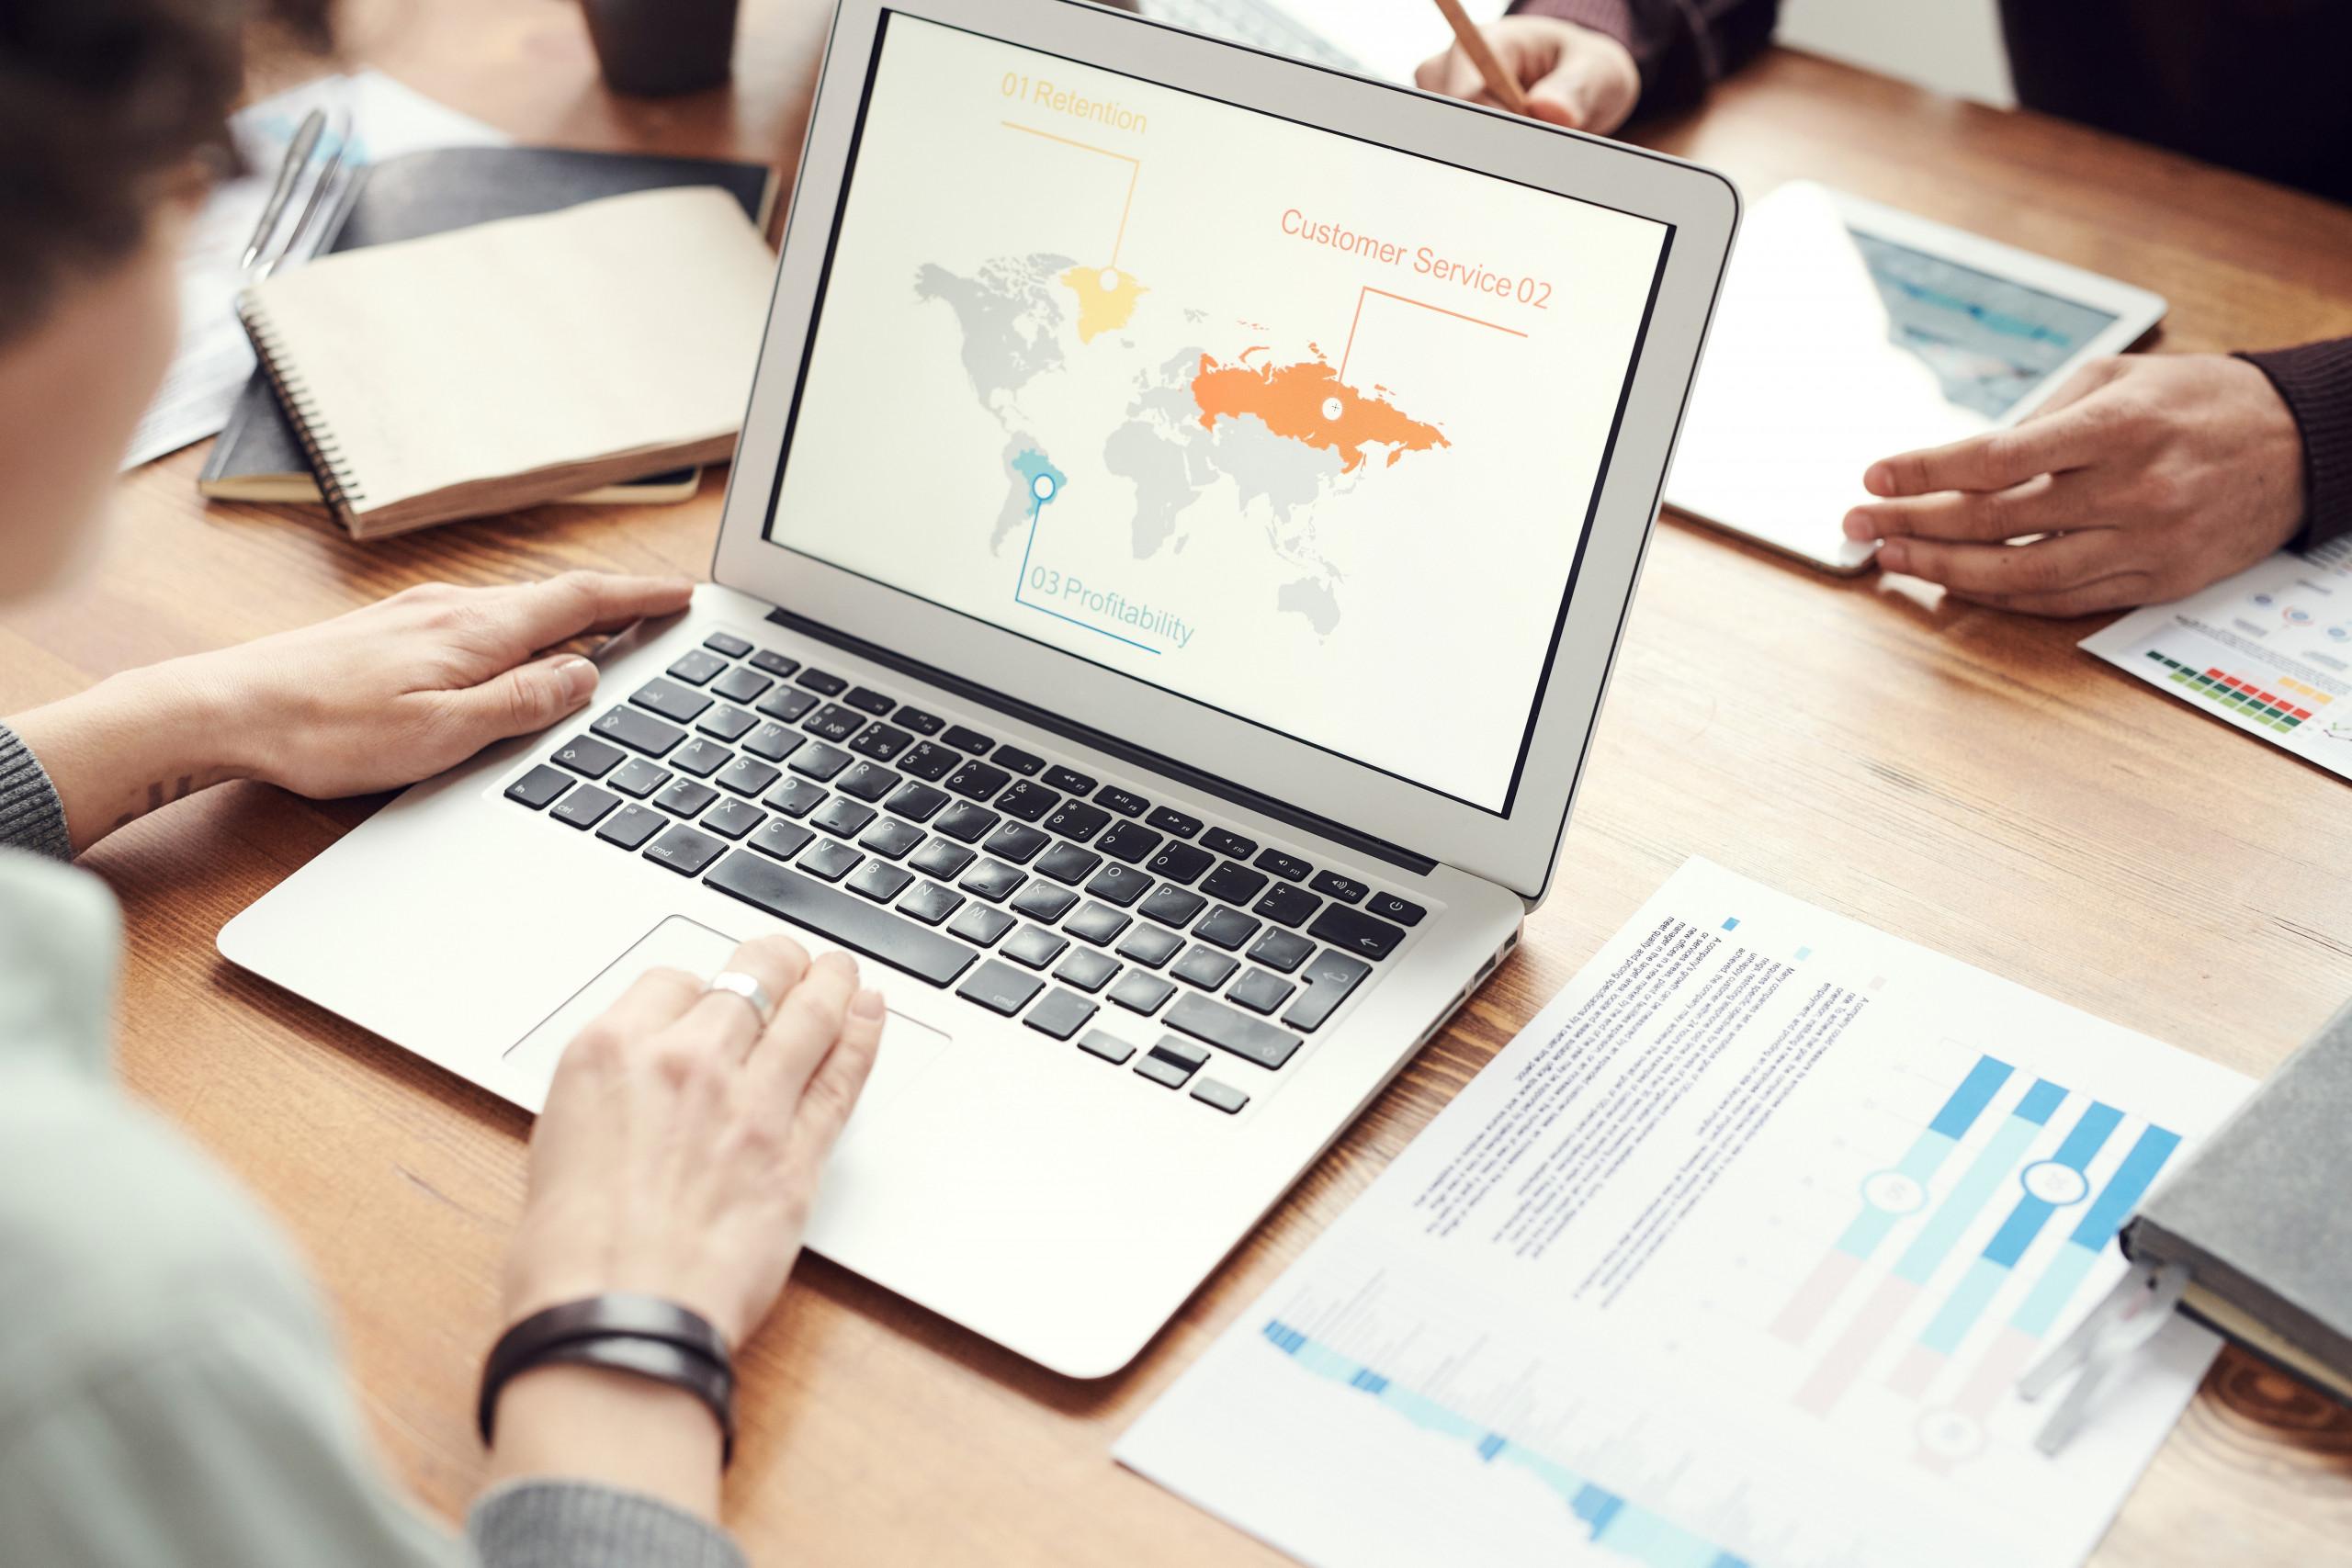 Jemand erarbeitet eine internationale Strategie am Laptop